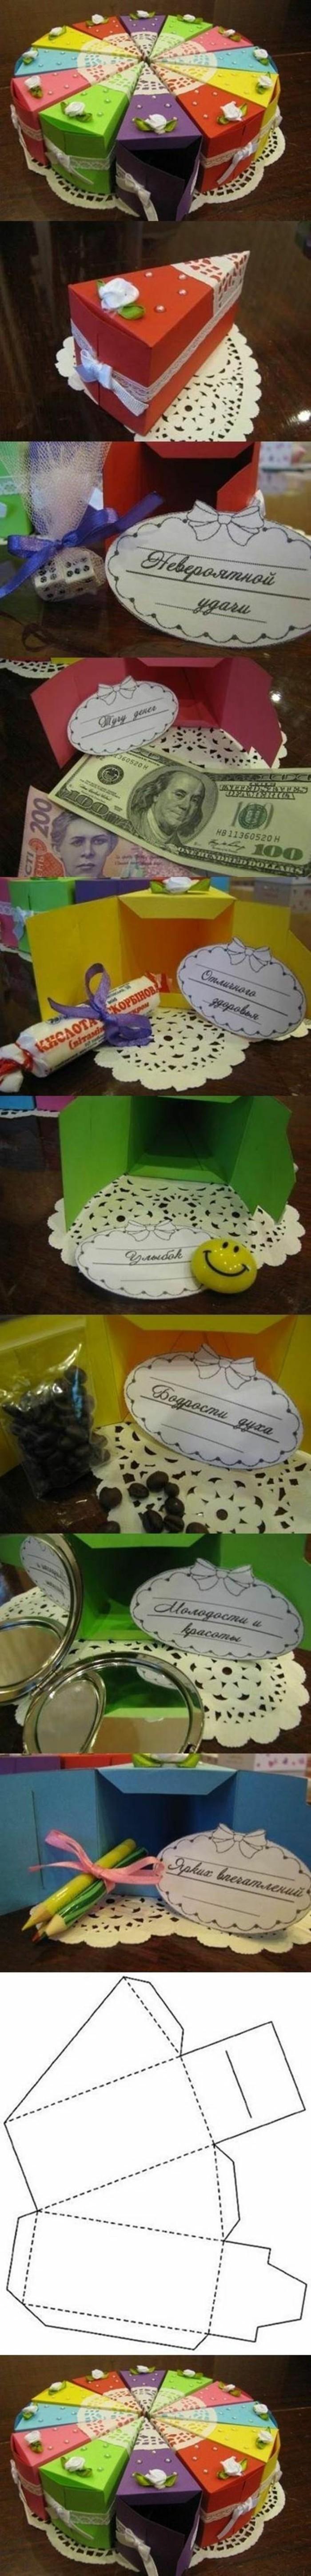 kreative-geschenkideen-originelle-geschenke-bunte-torte-mit-geld-selbst-machen